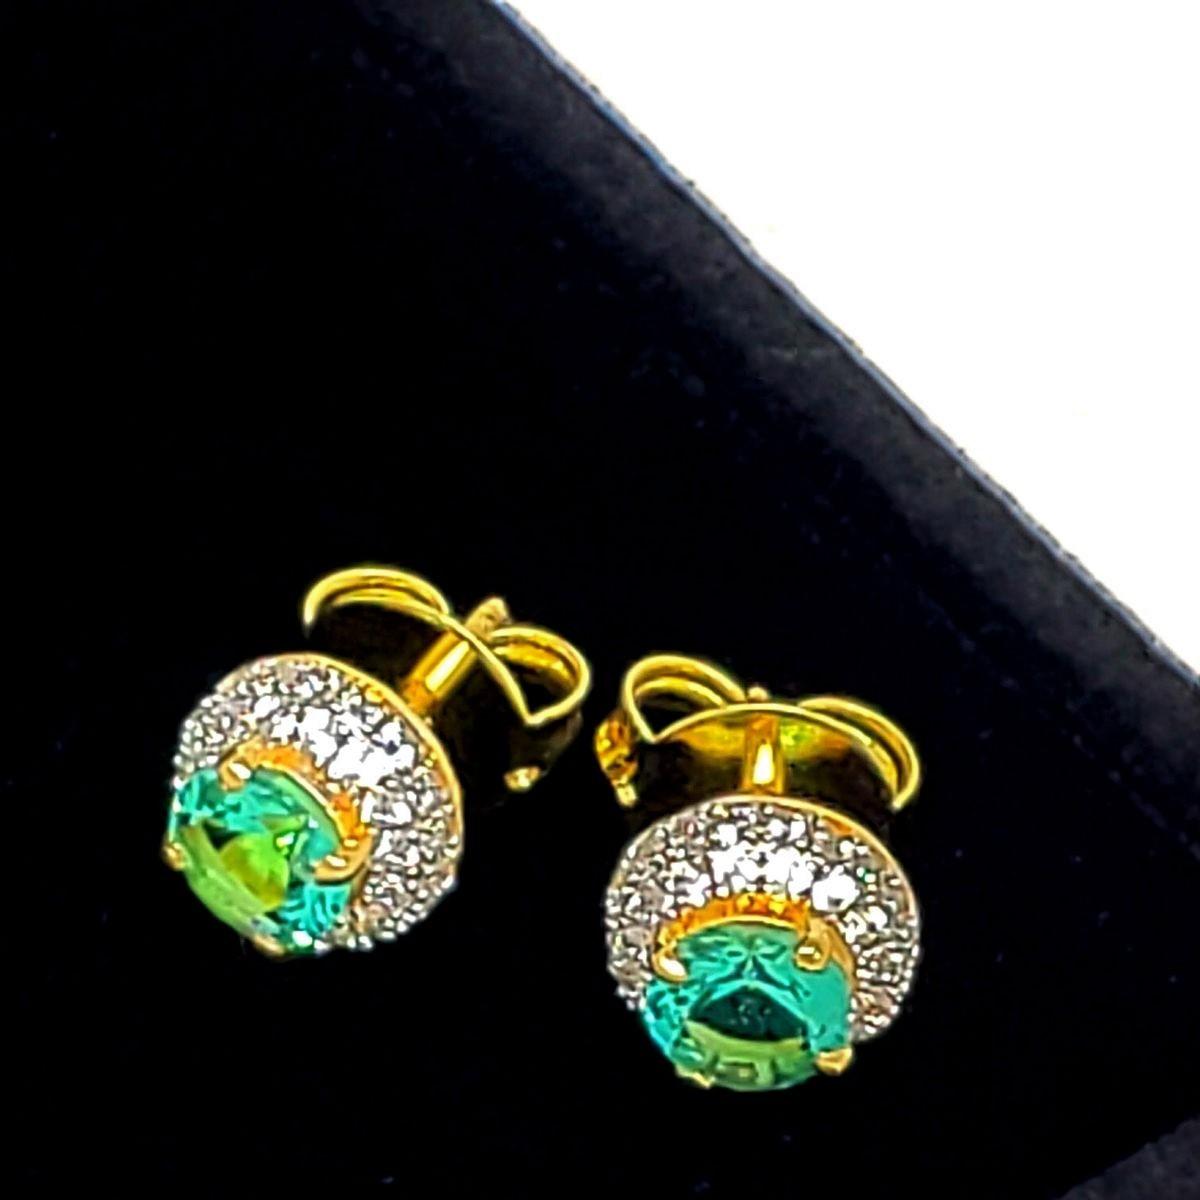 Brincos Botão Cristal Com Cravejado De Zirconias Banho De Ouro 18k 1408